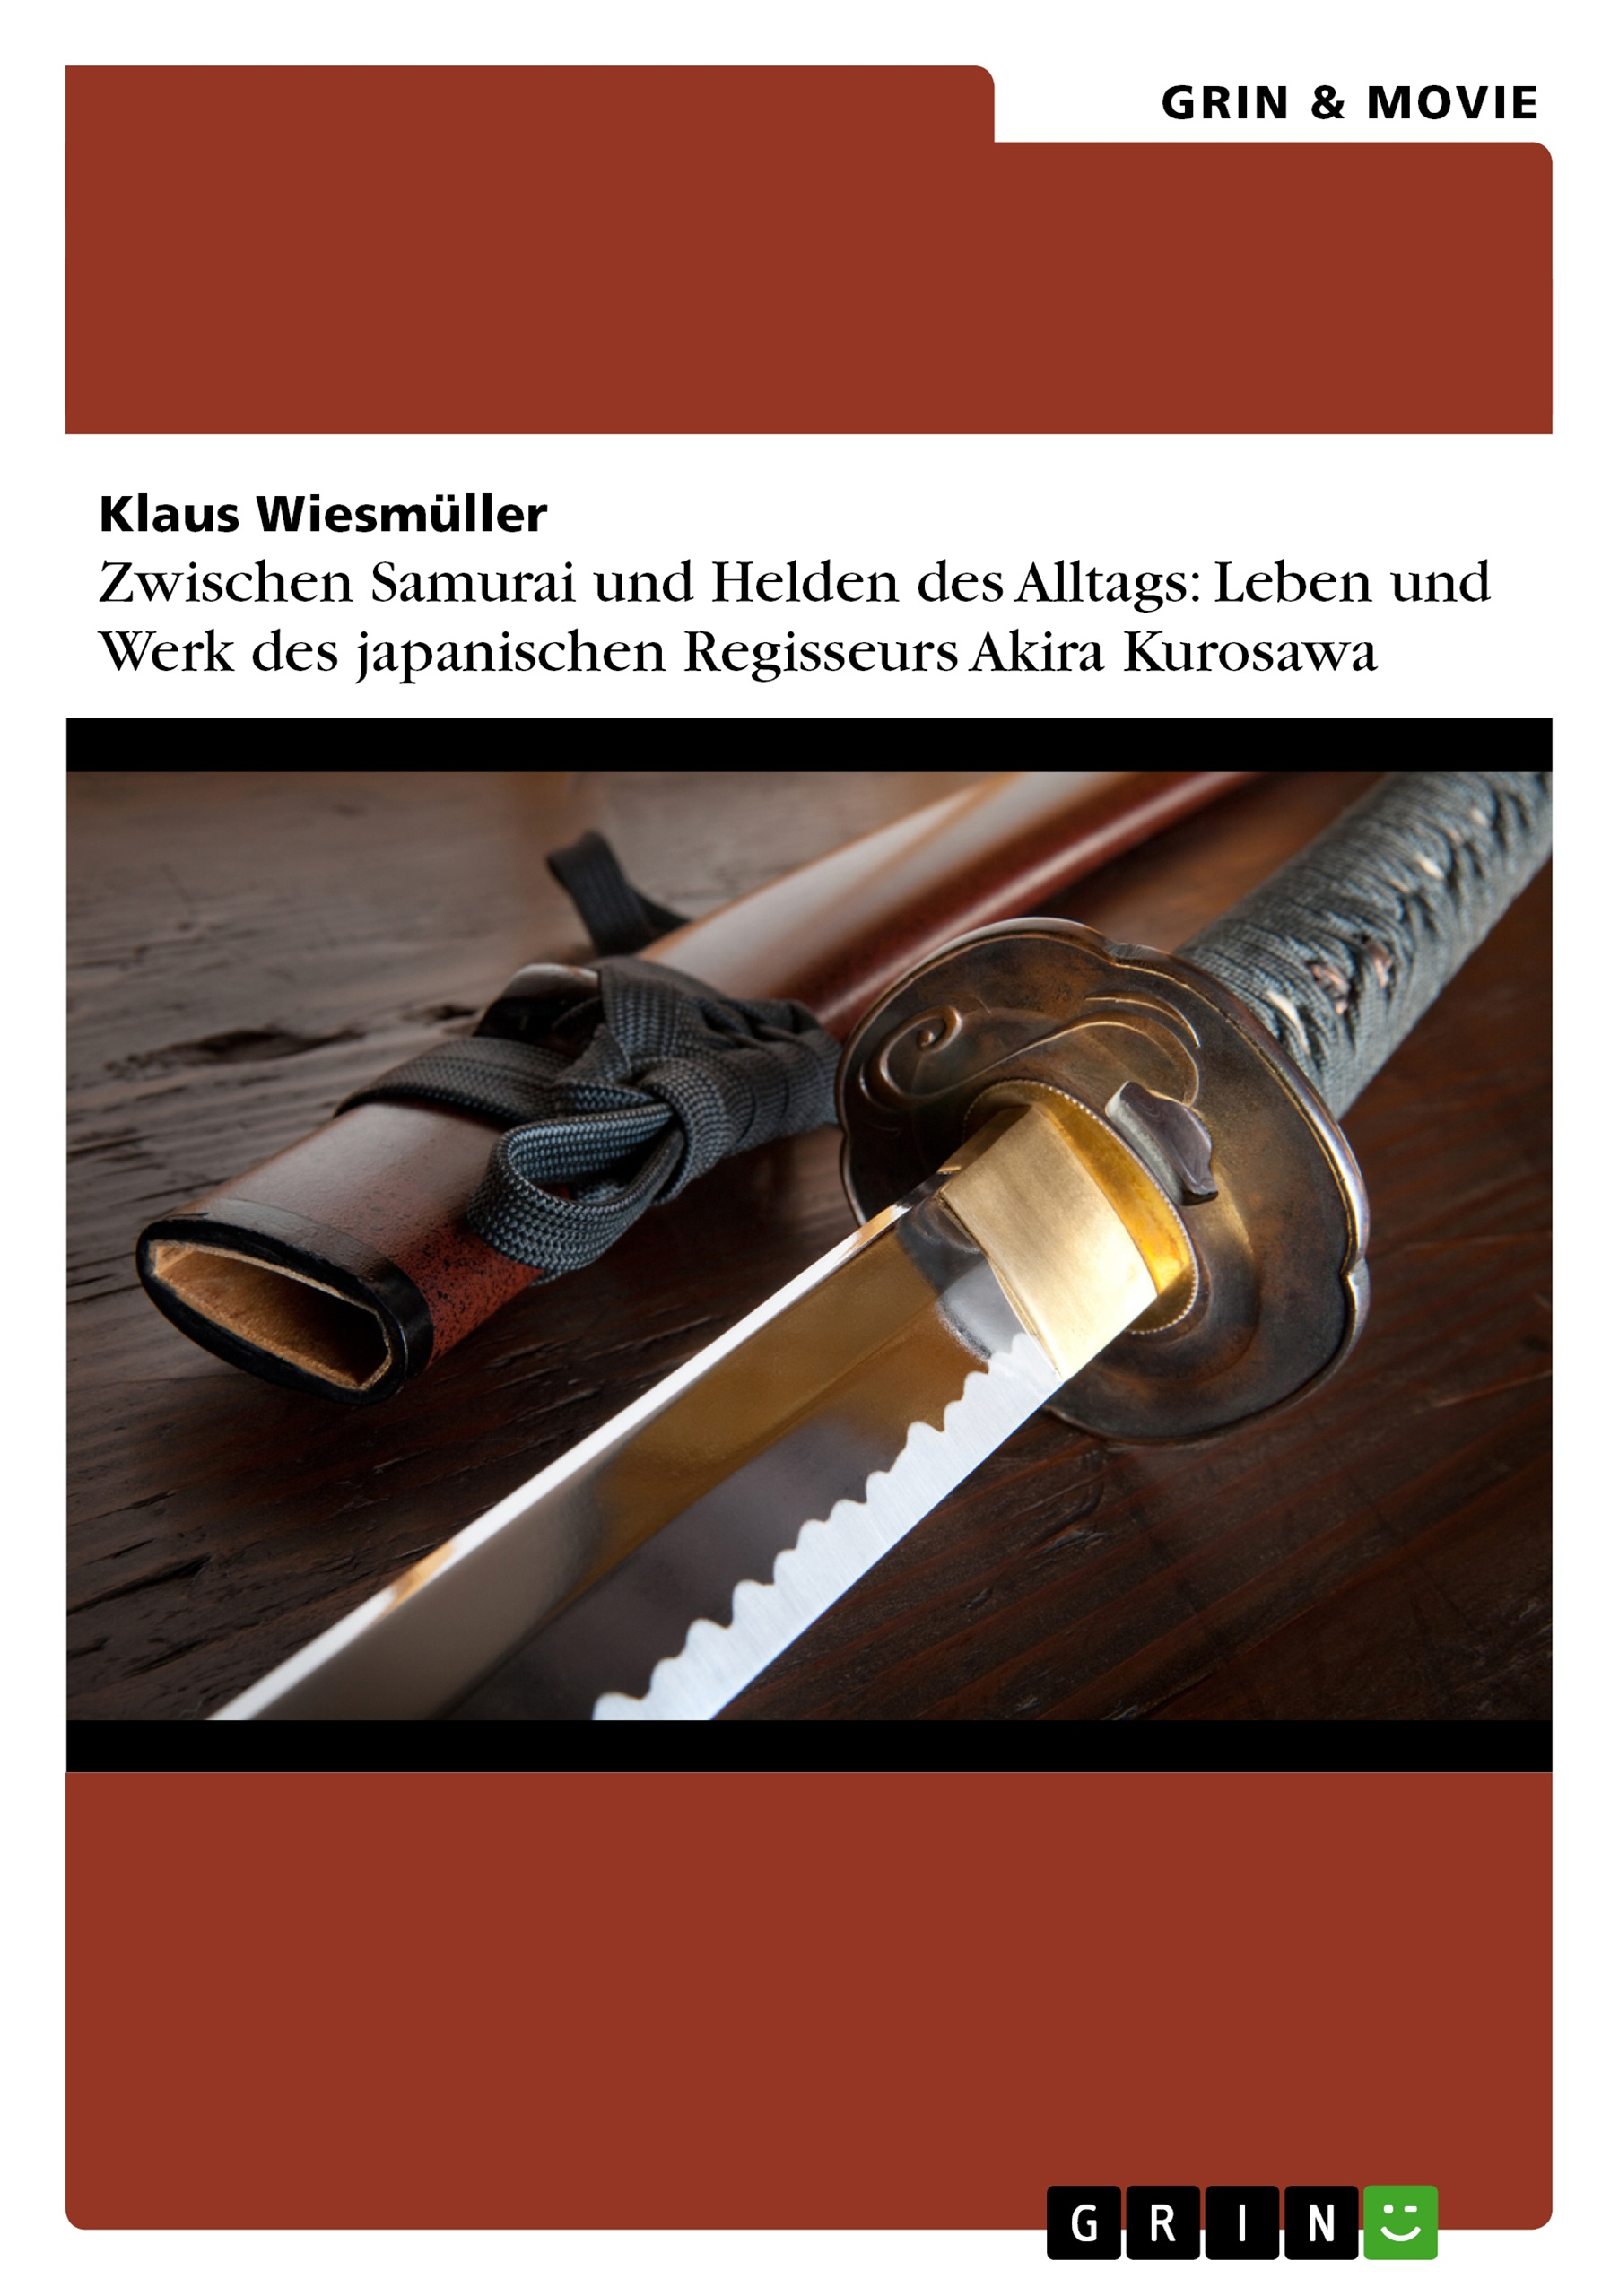 Titel: Zwischen Samurai und Helden des Alltags: Leben und Werk des japanischen Regisseurs Akira Kurosawa